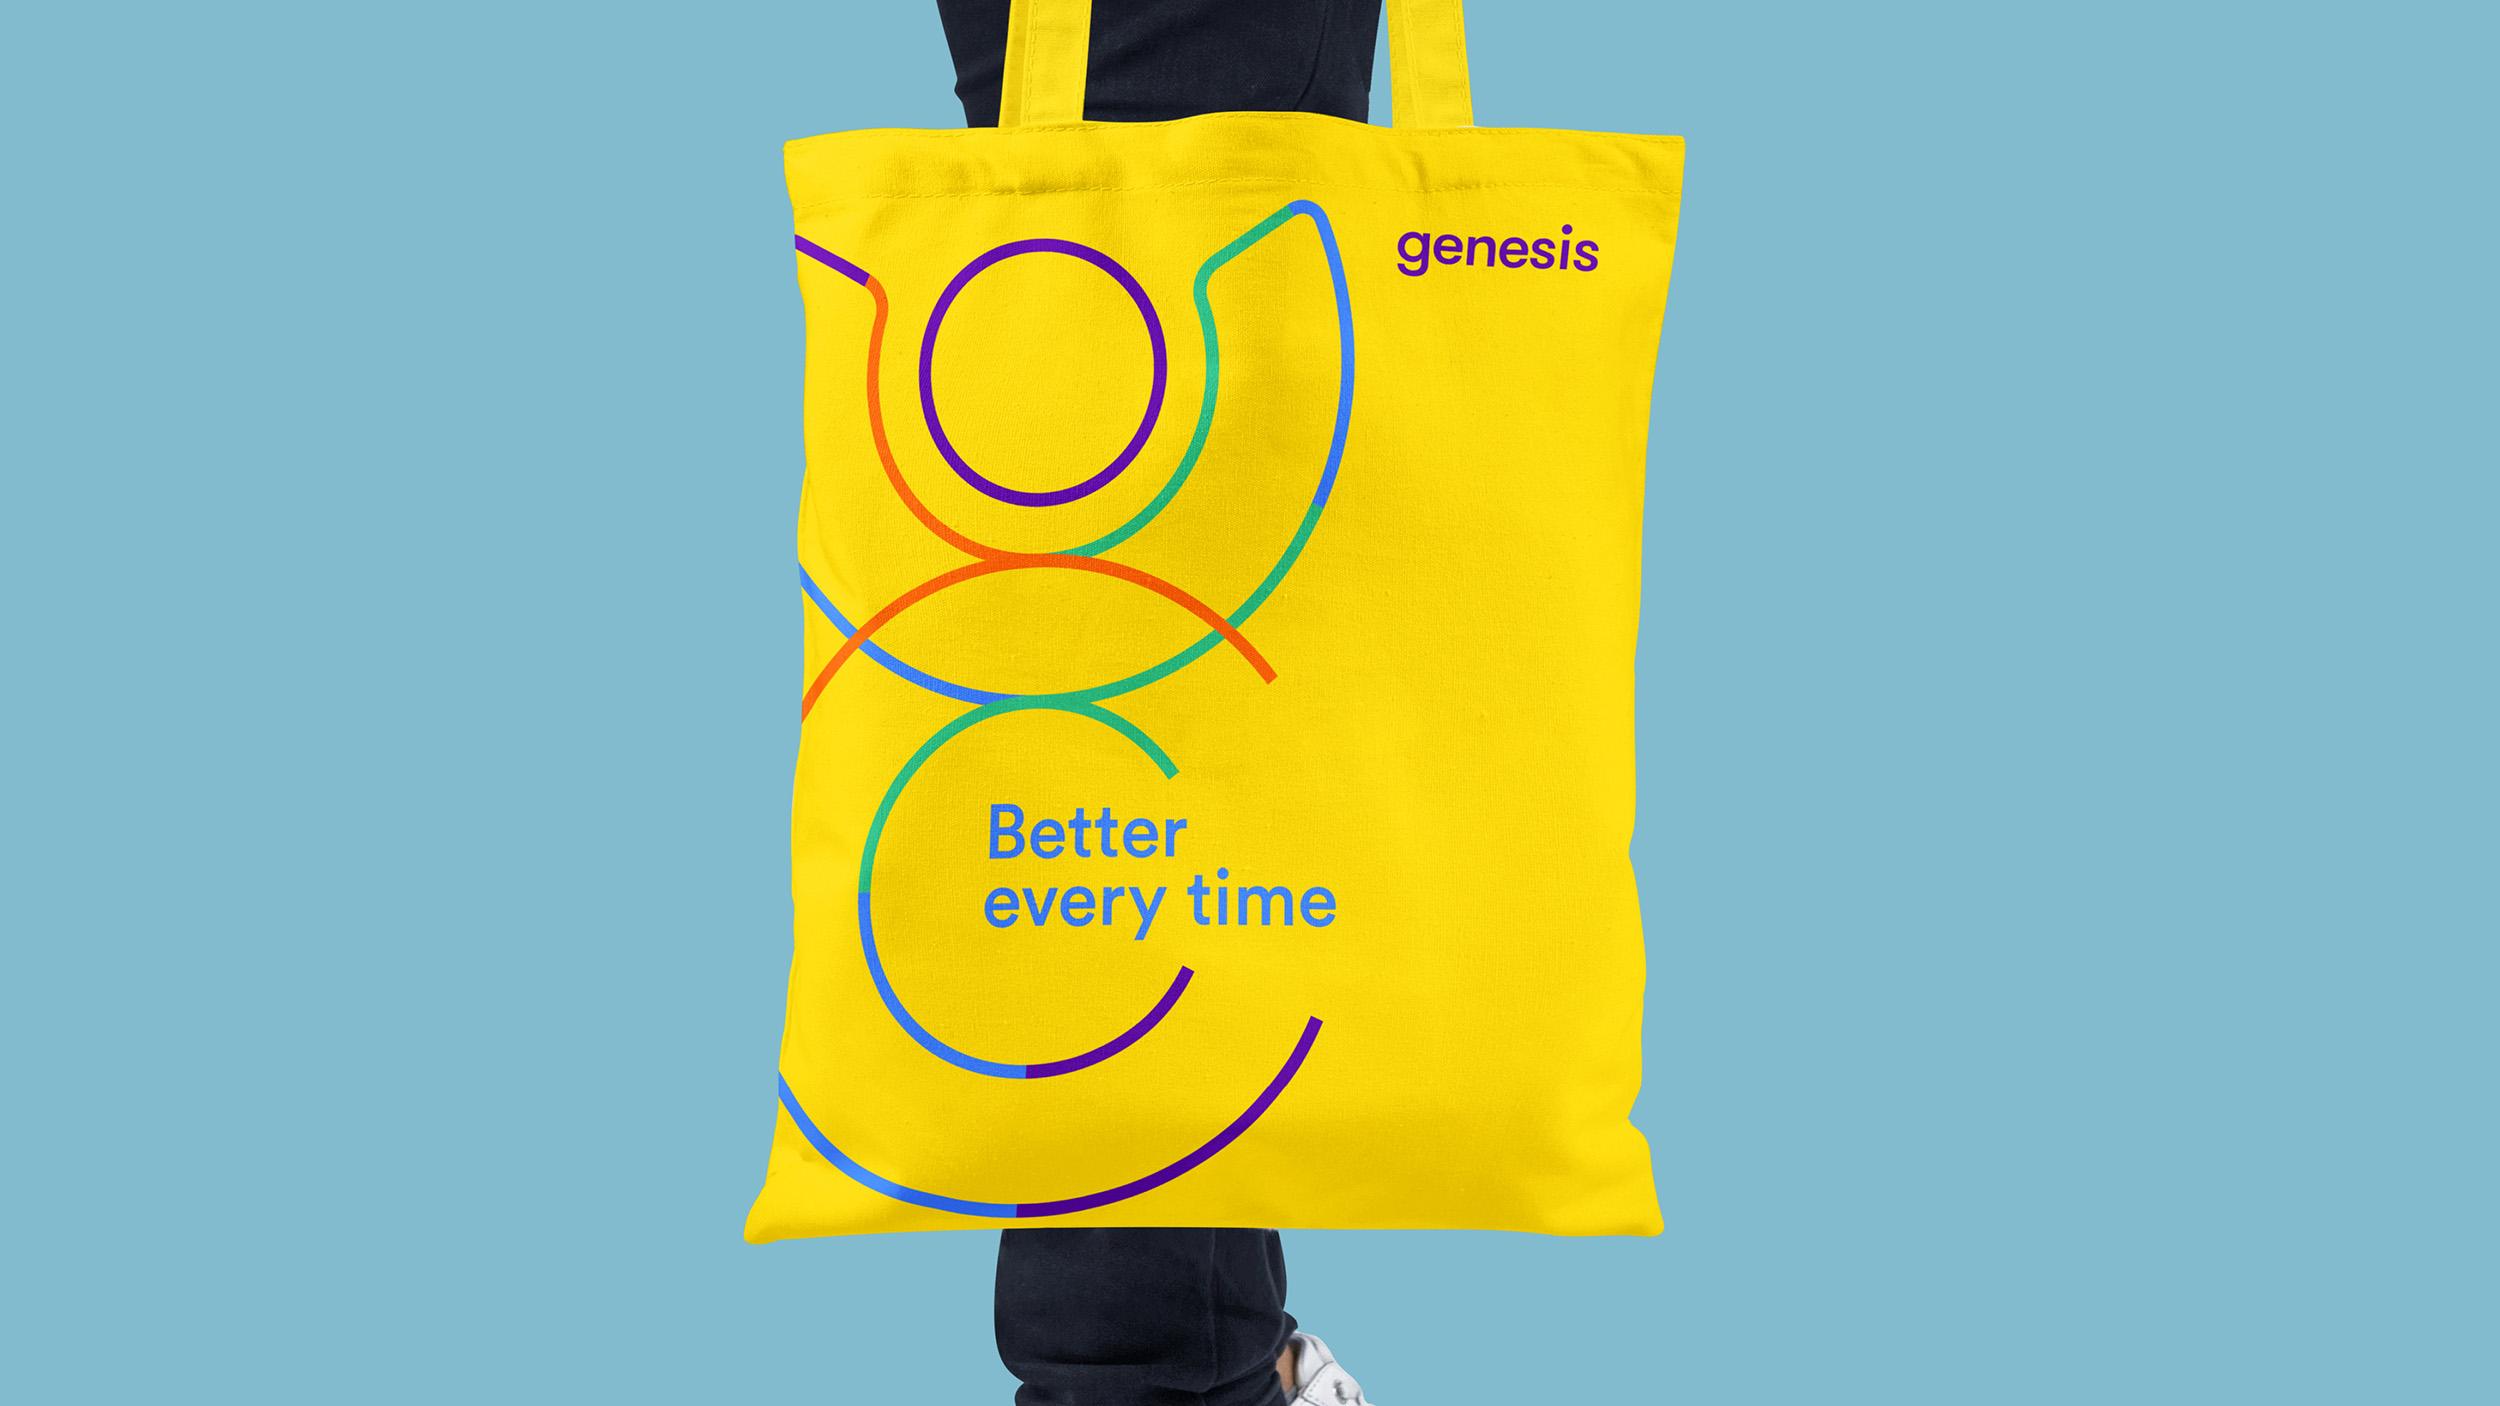 Genesis_web17